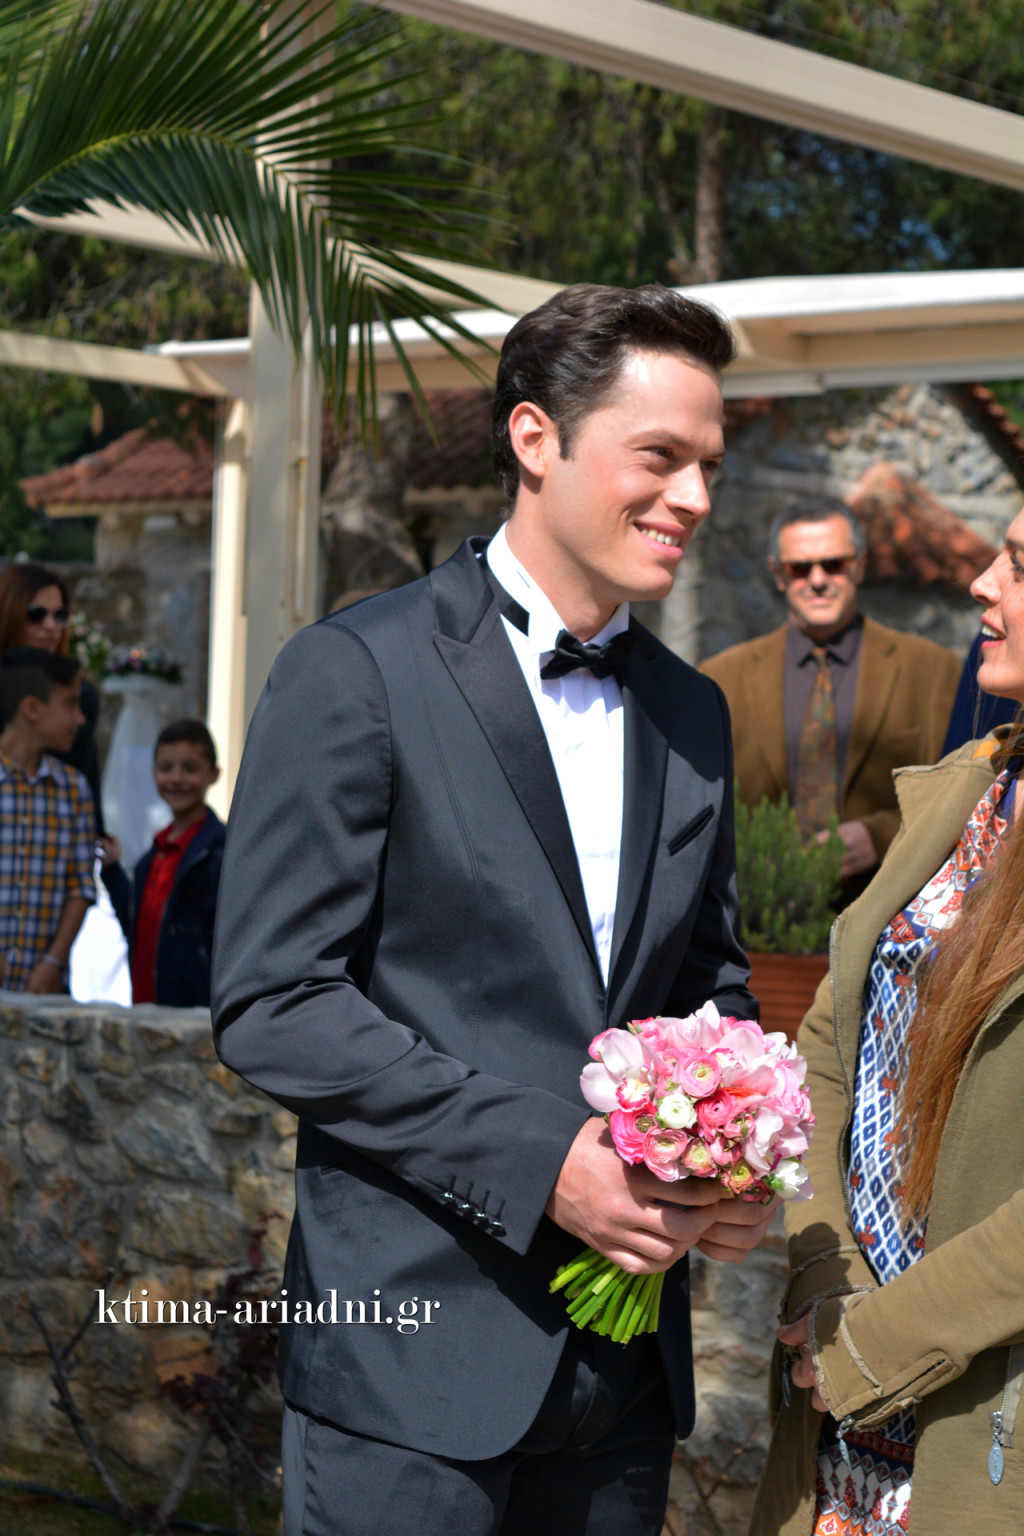 Ο γαμπρός κρατά ένα υπέροχο νυφικό μπουκέτο και περιμένει από στιγμή σε στιγμή τη νύφη